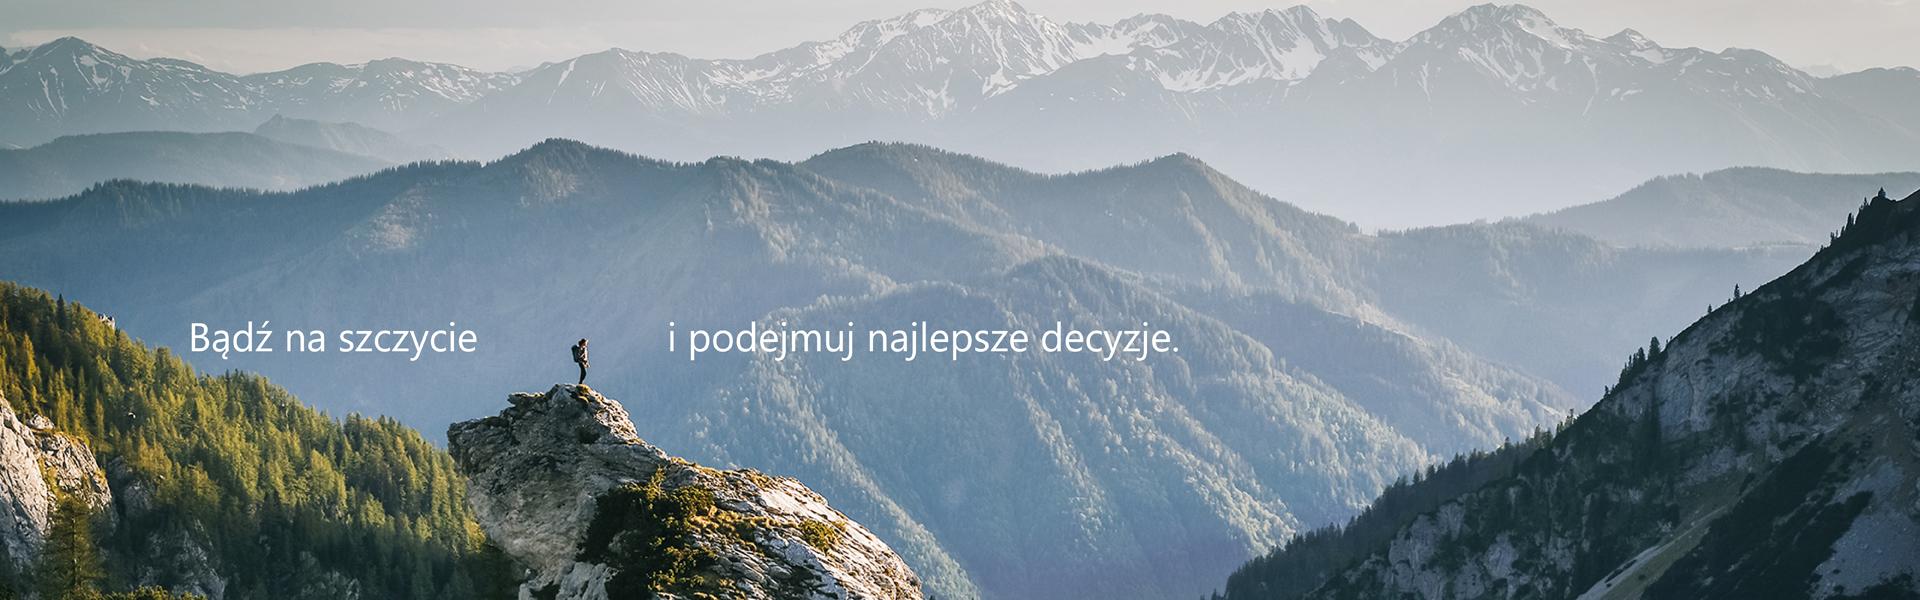 is_1256434595_1920x600px_badz_na_szczycie